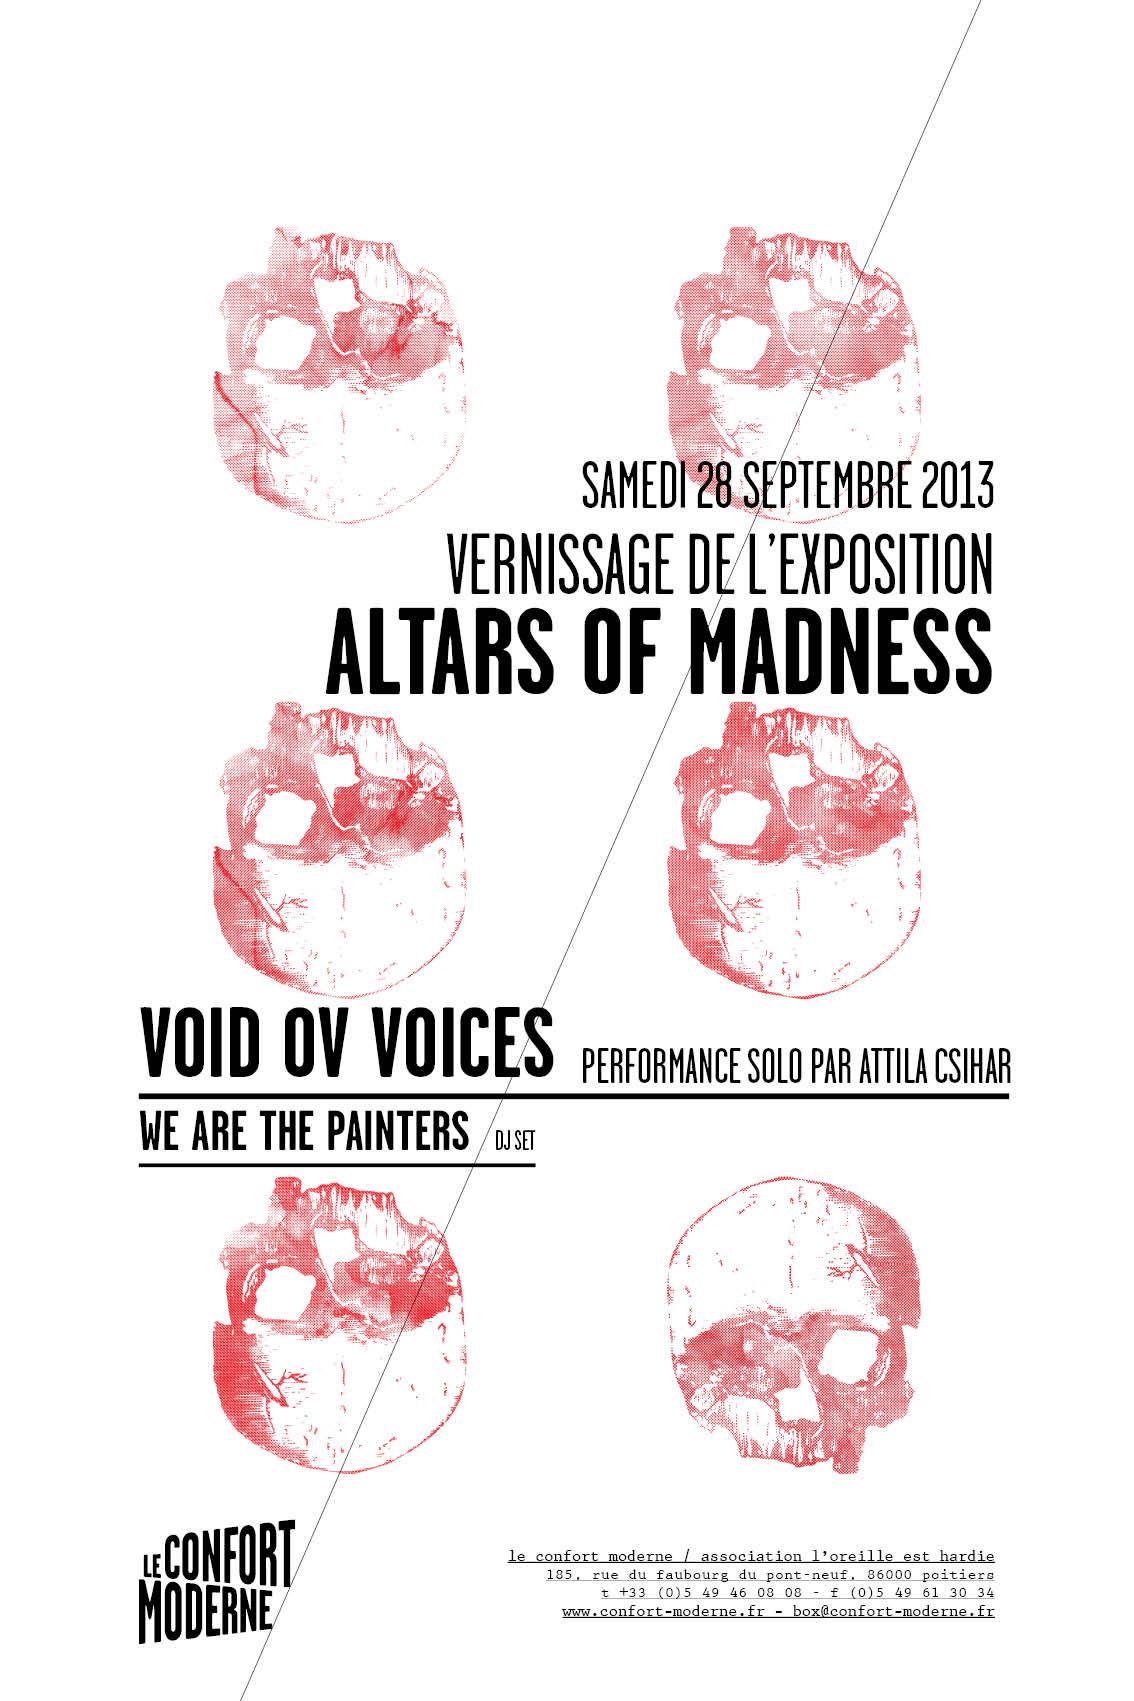 Vernissage ALTARS OF MADNESS au CONFORT MODERNE (Poitiers) ce samedi 28 septembre